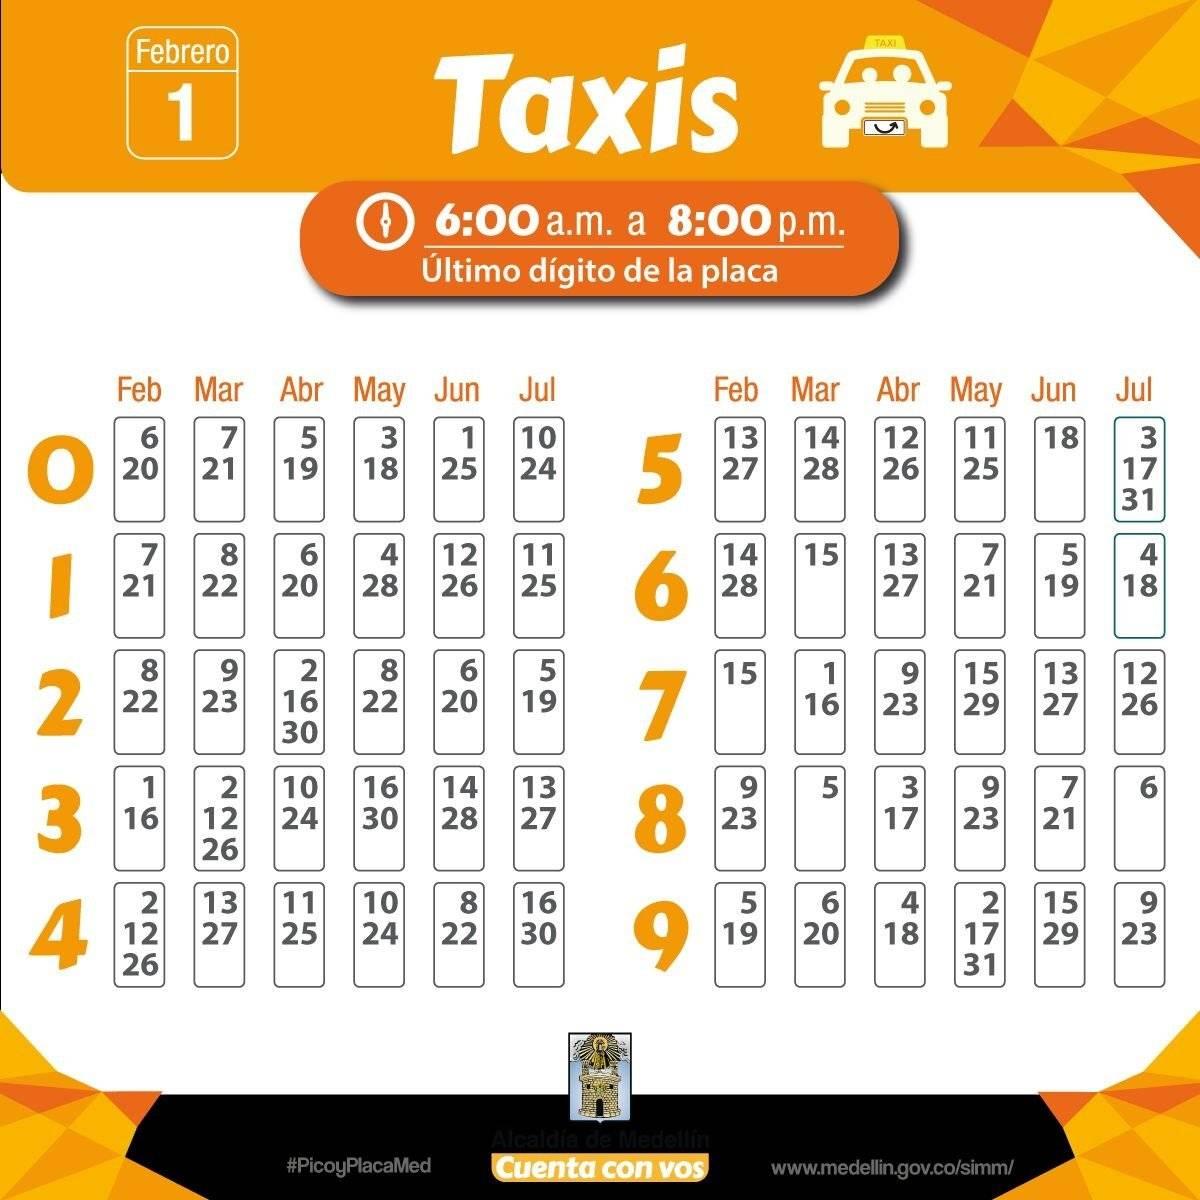 Pico y placa Medellín taxis